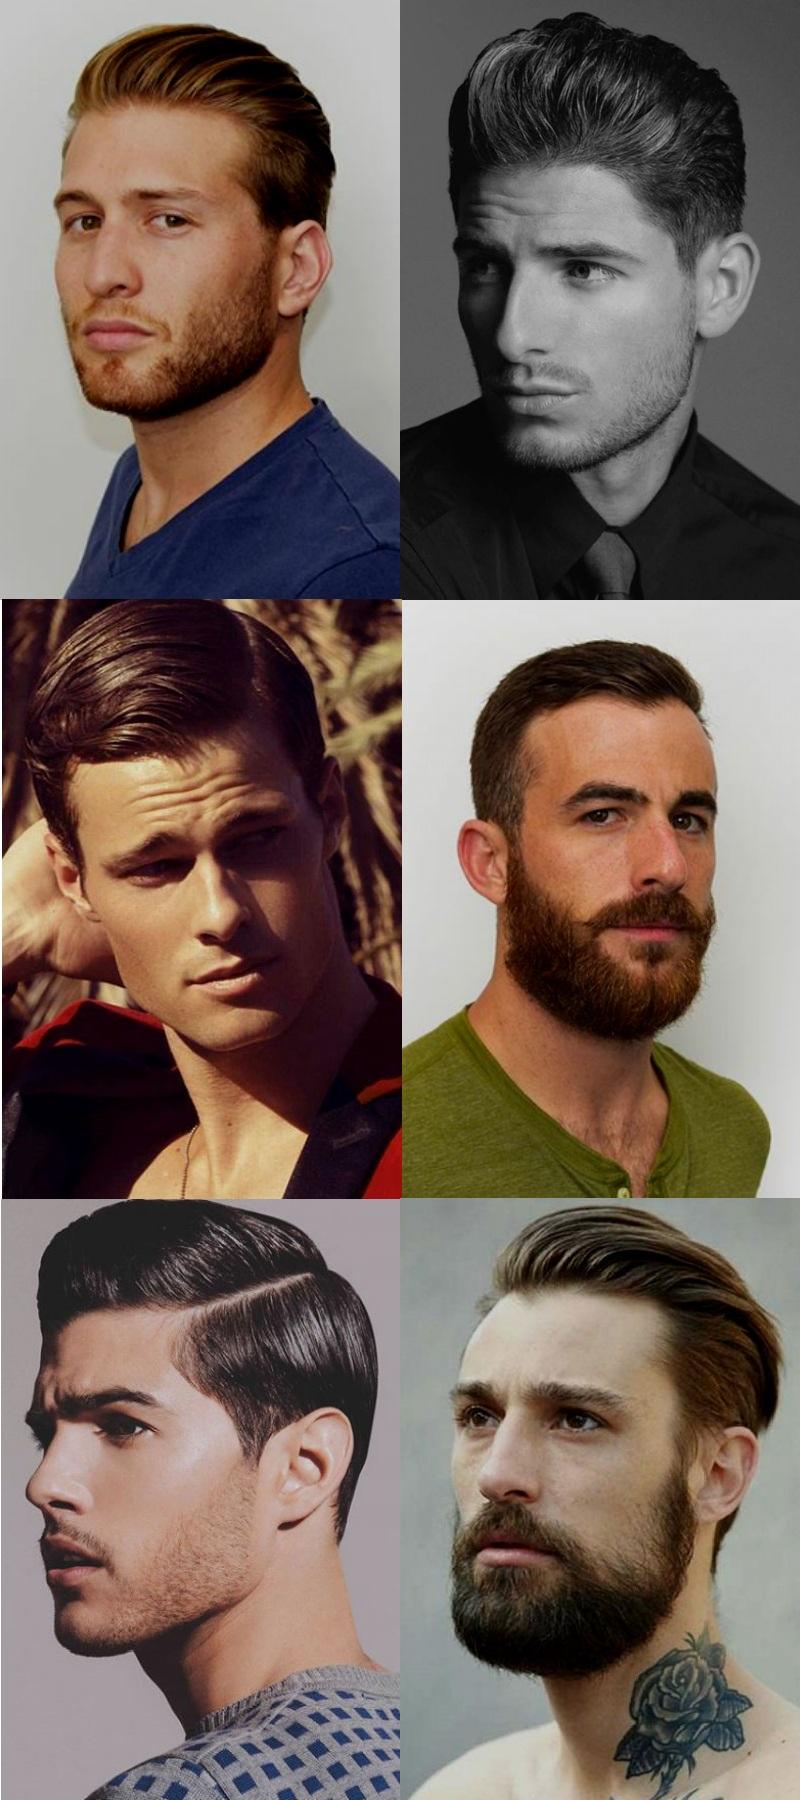 Homem No Espelho - Cortes de cabelo masculinos 2016 - Comb Over